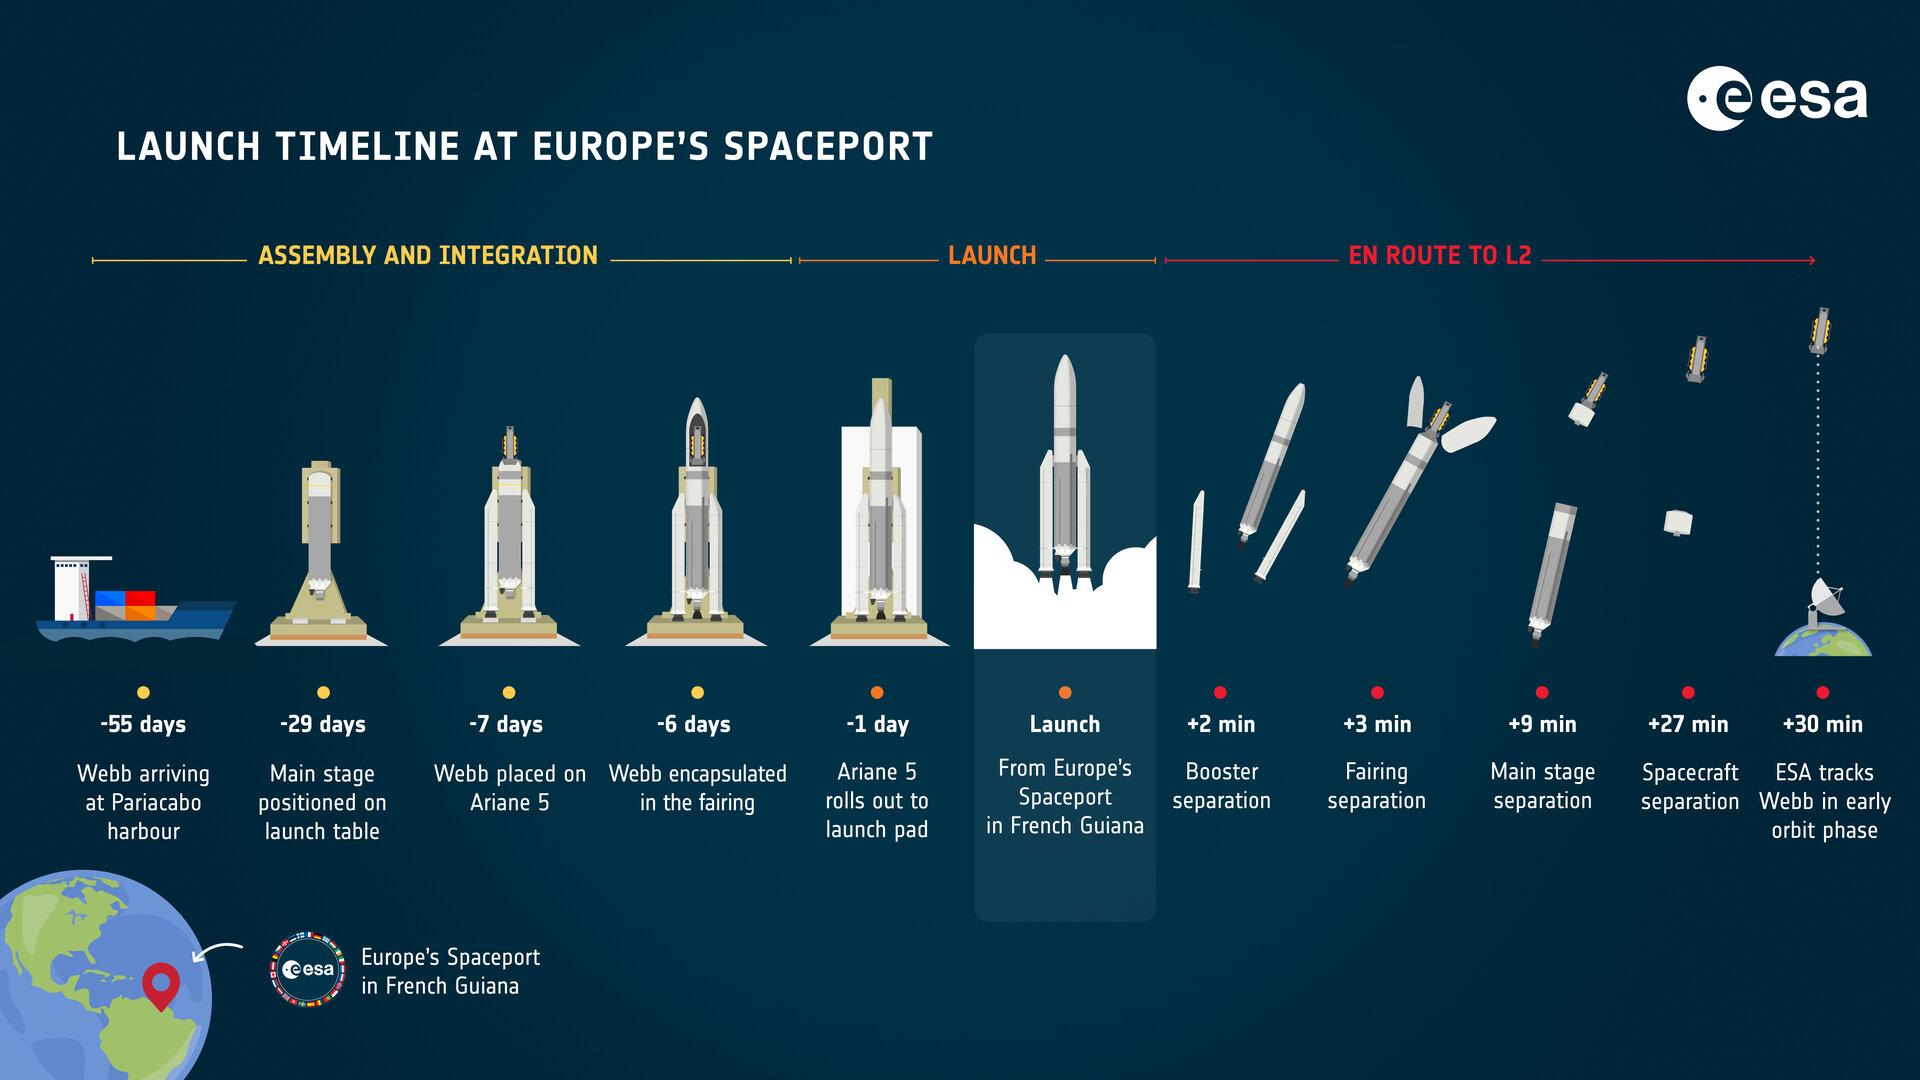 webb_launch_timeline_at_europe_s_spaceport_pillars.jpg